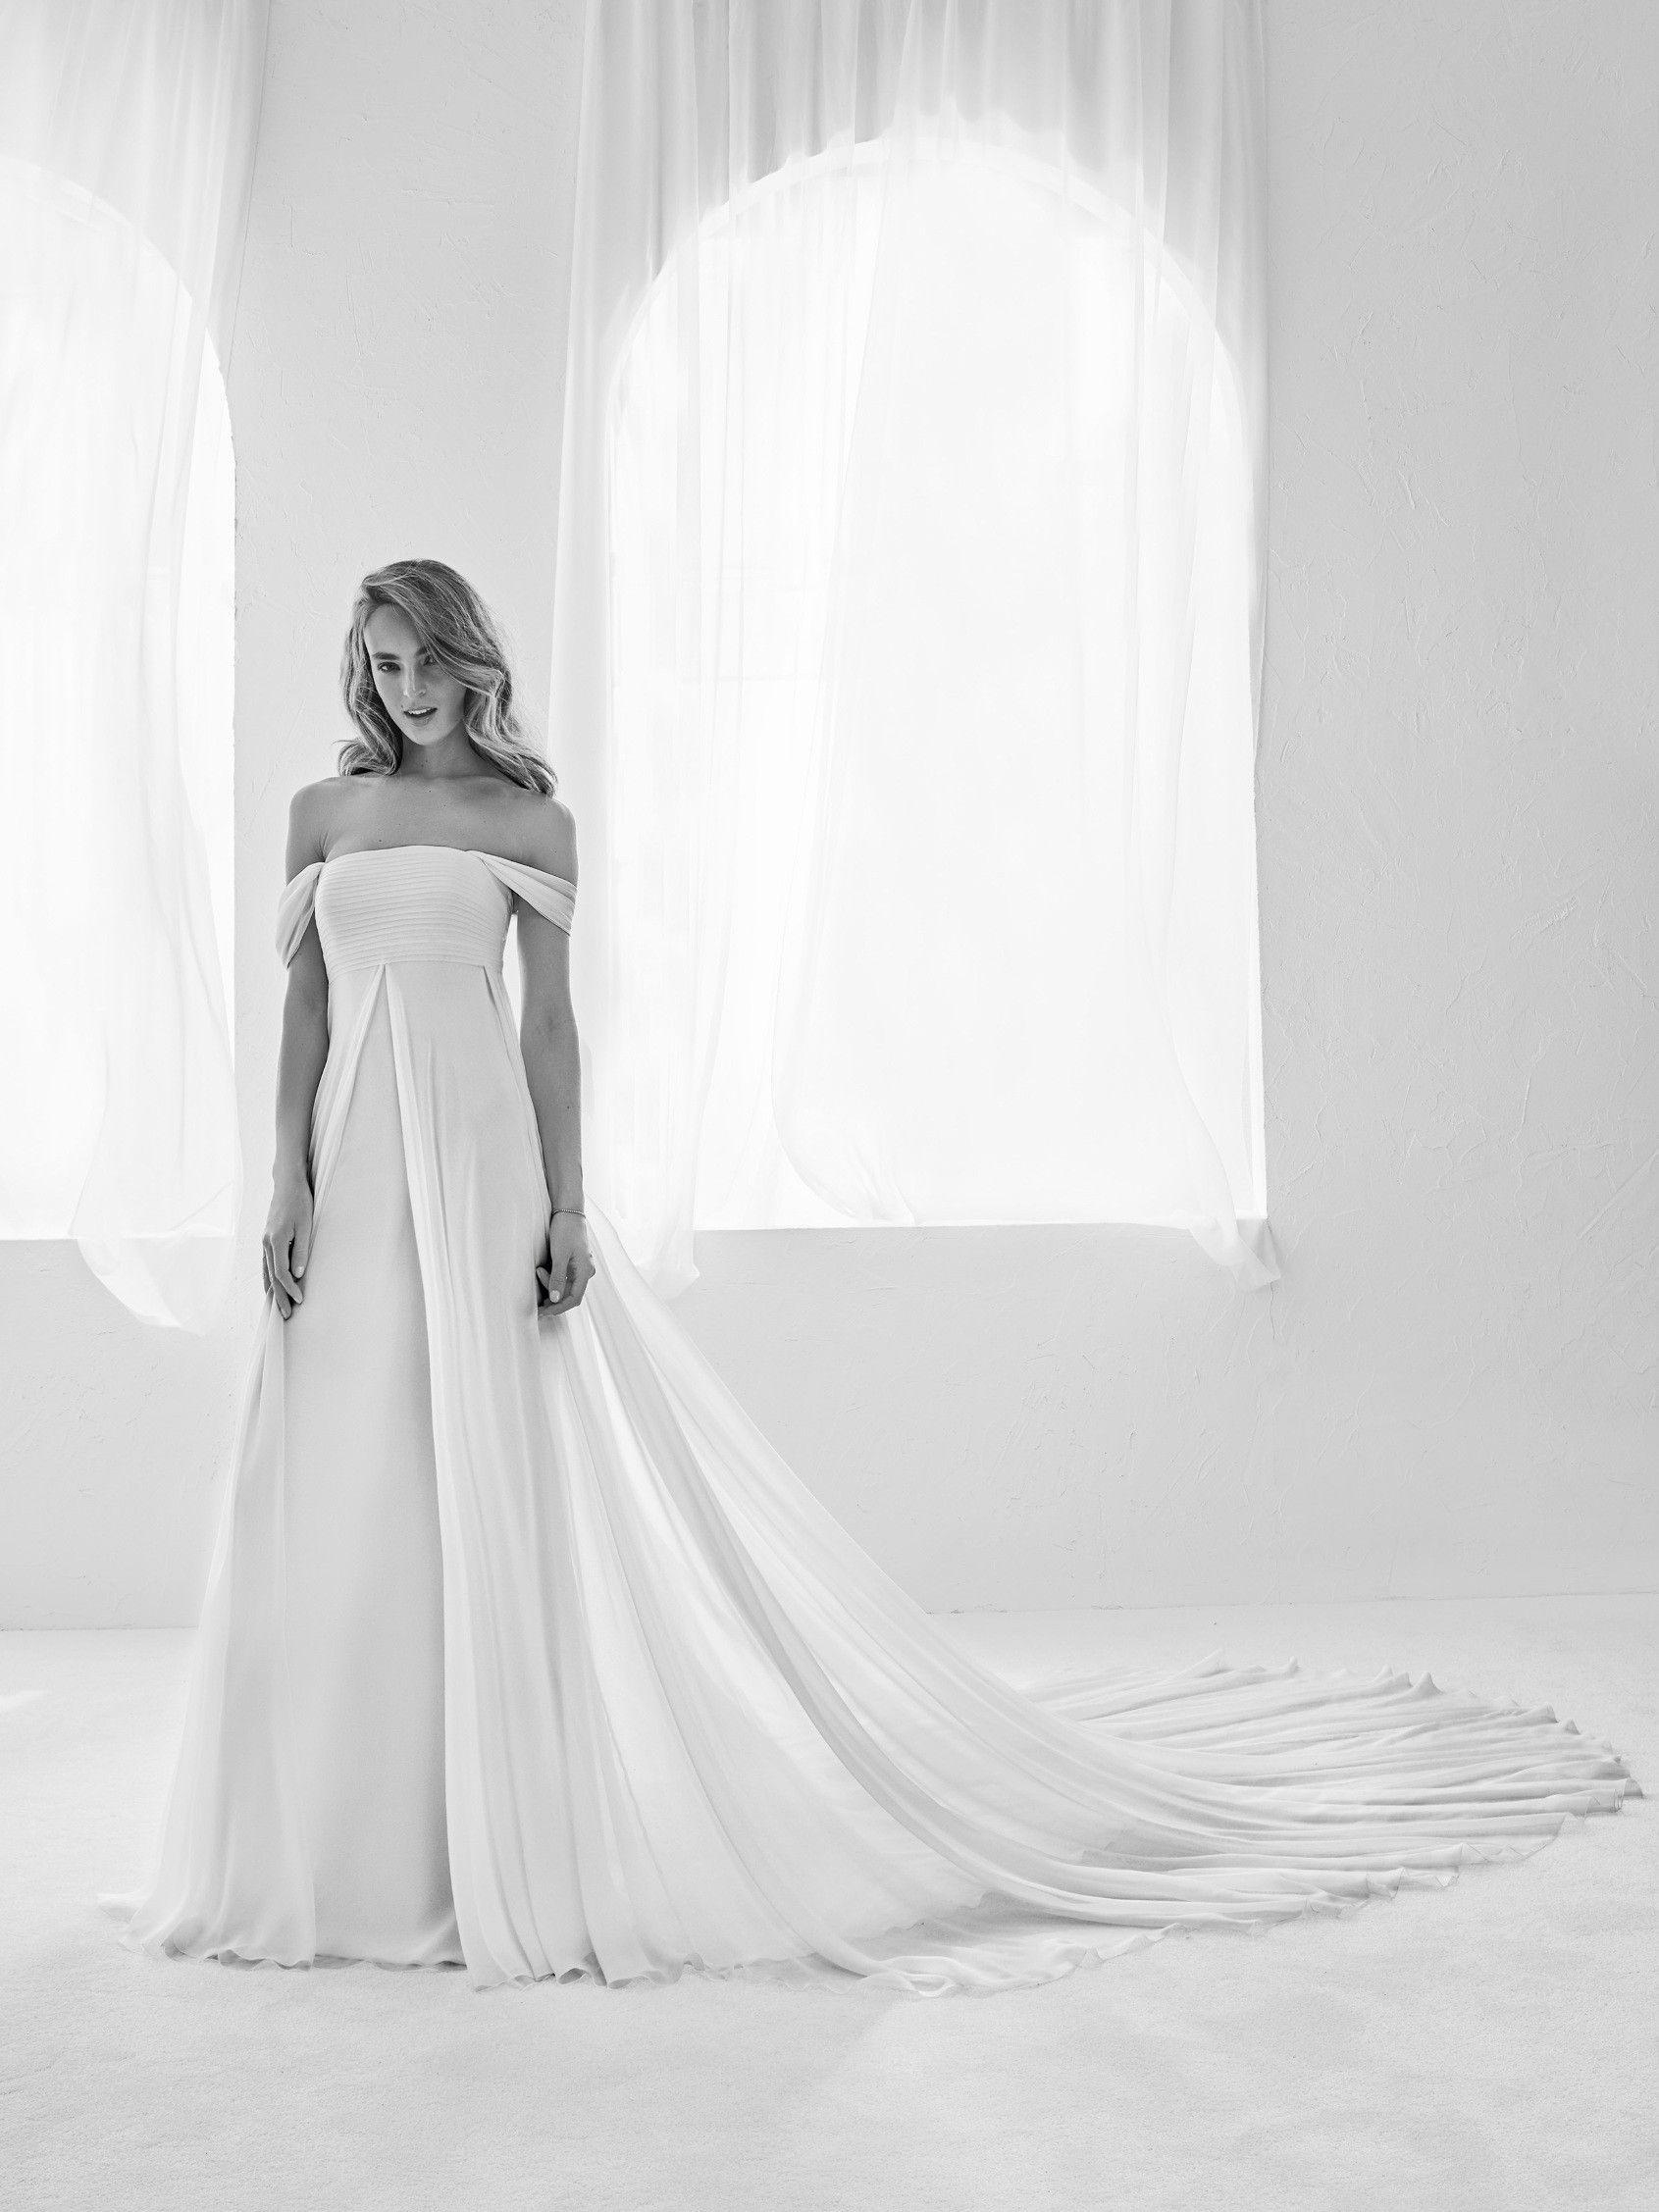 Jugendliches Brautkleid - Raggio | Wedding | Pinterest | Jugendliche ...